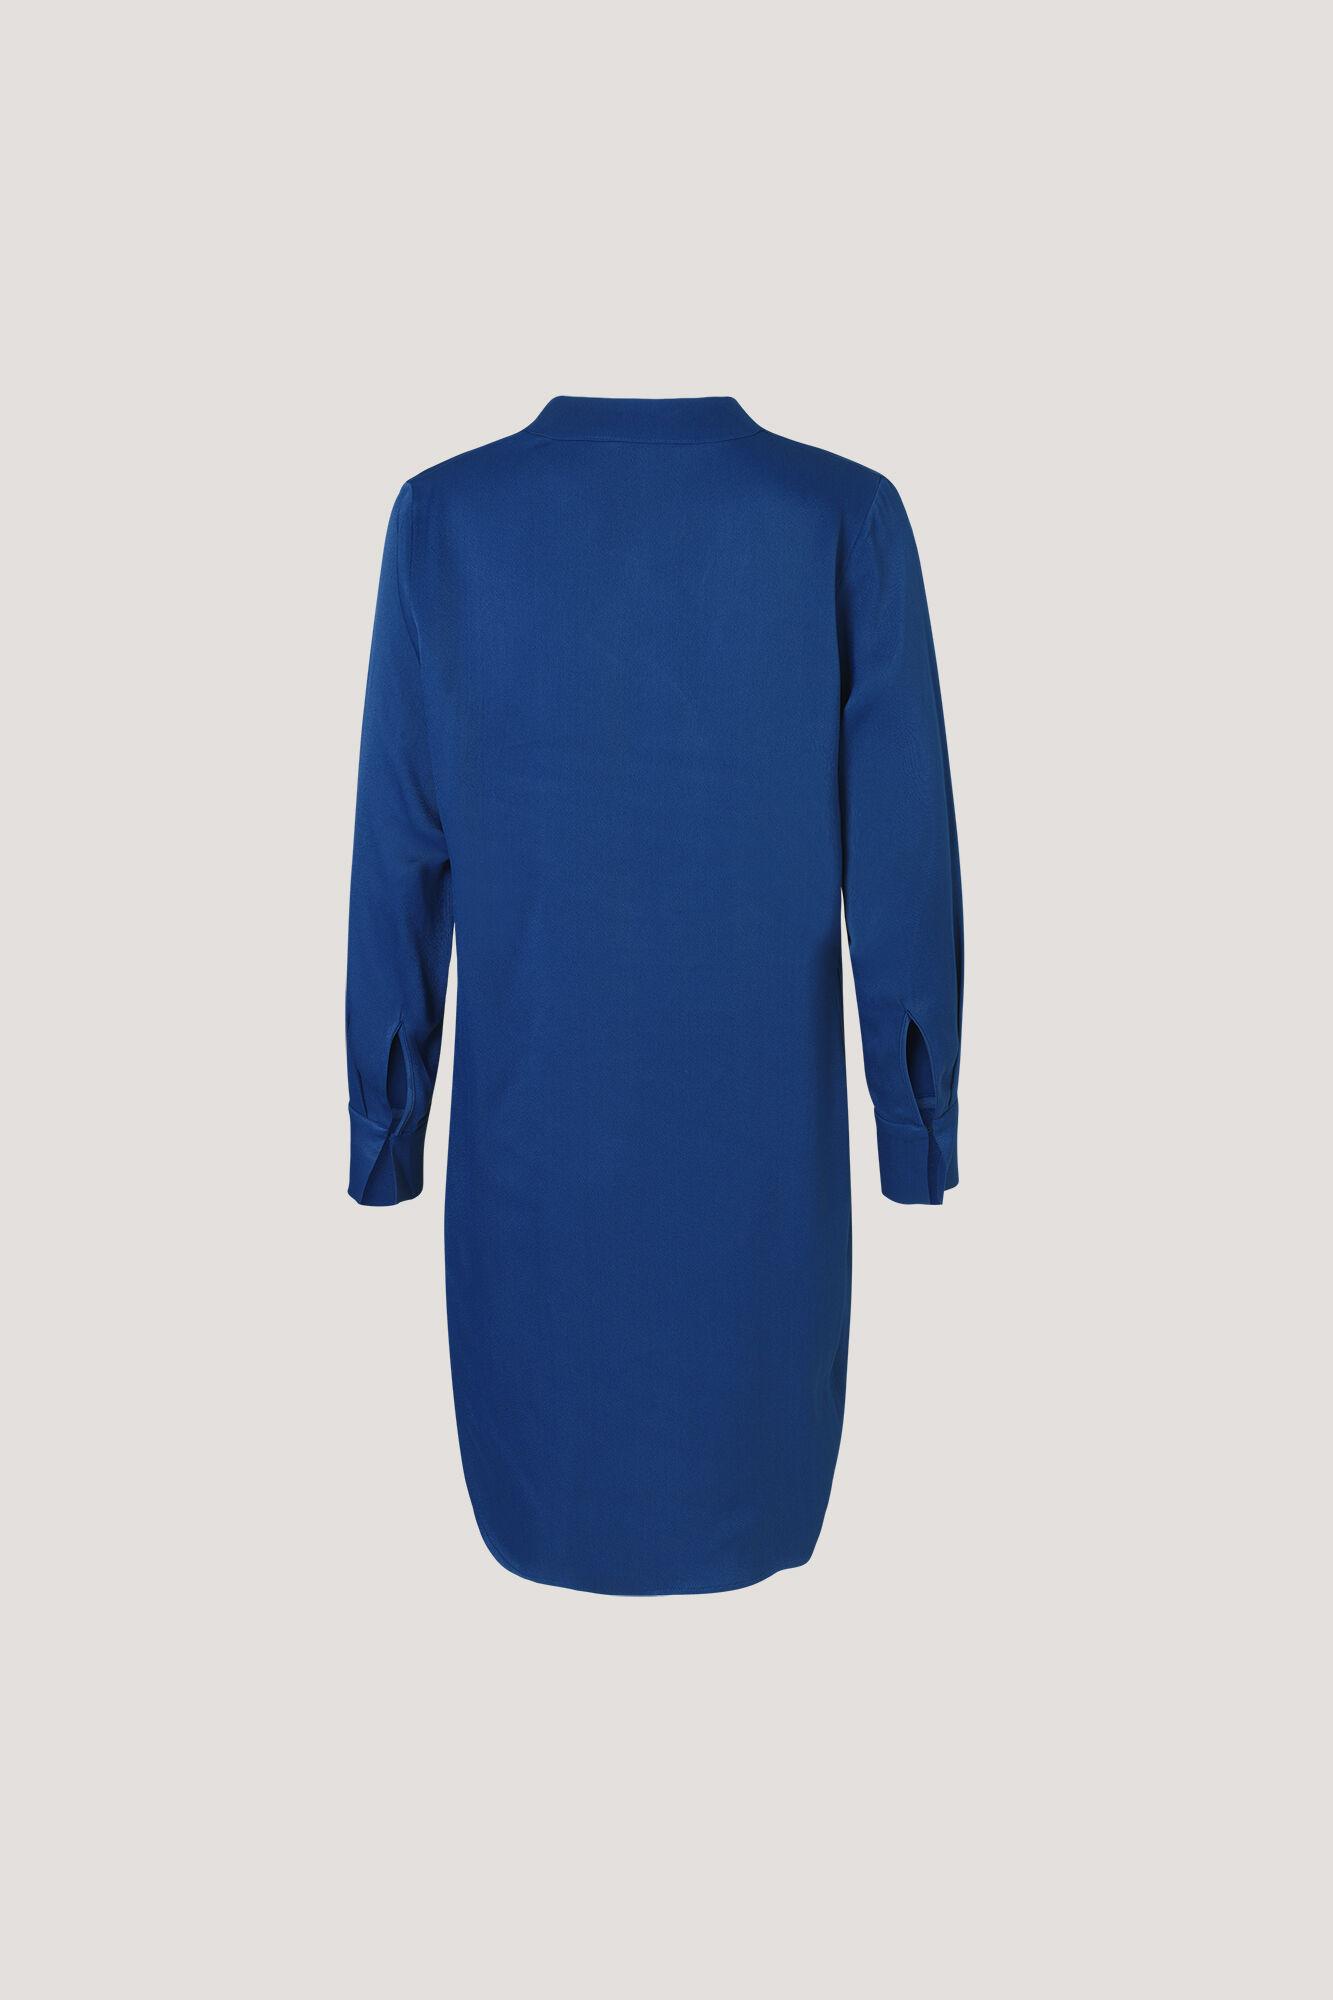 Hamill vn dress 7700